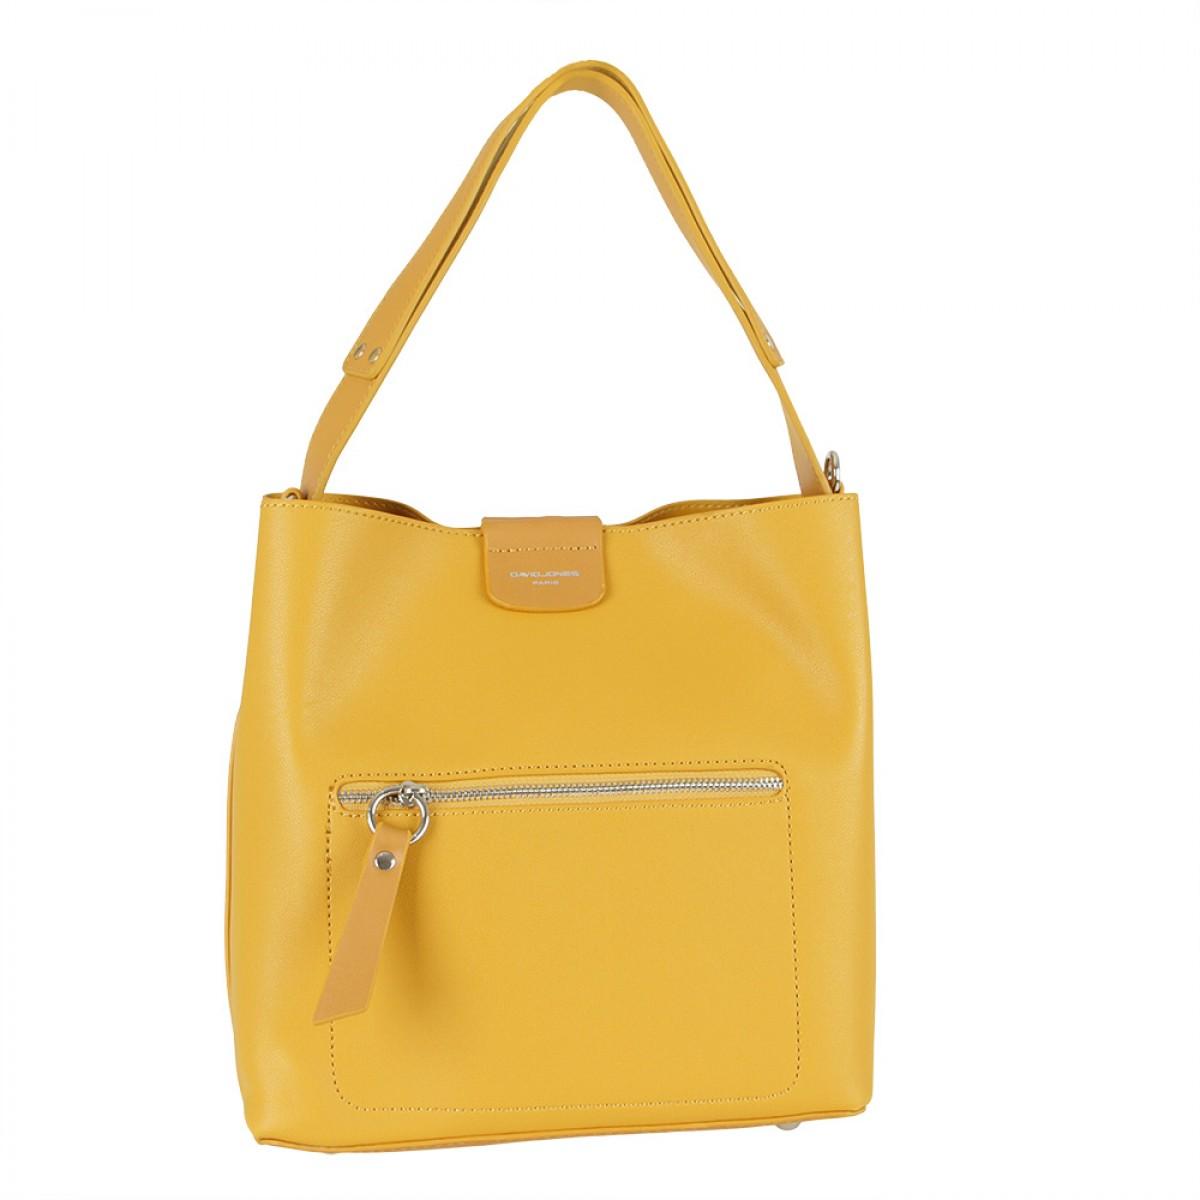 Жіноча сумка David Jones 6216-1 YELLOW